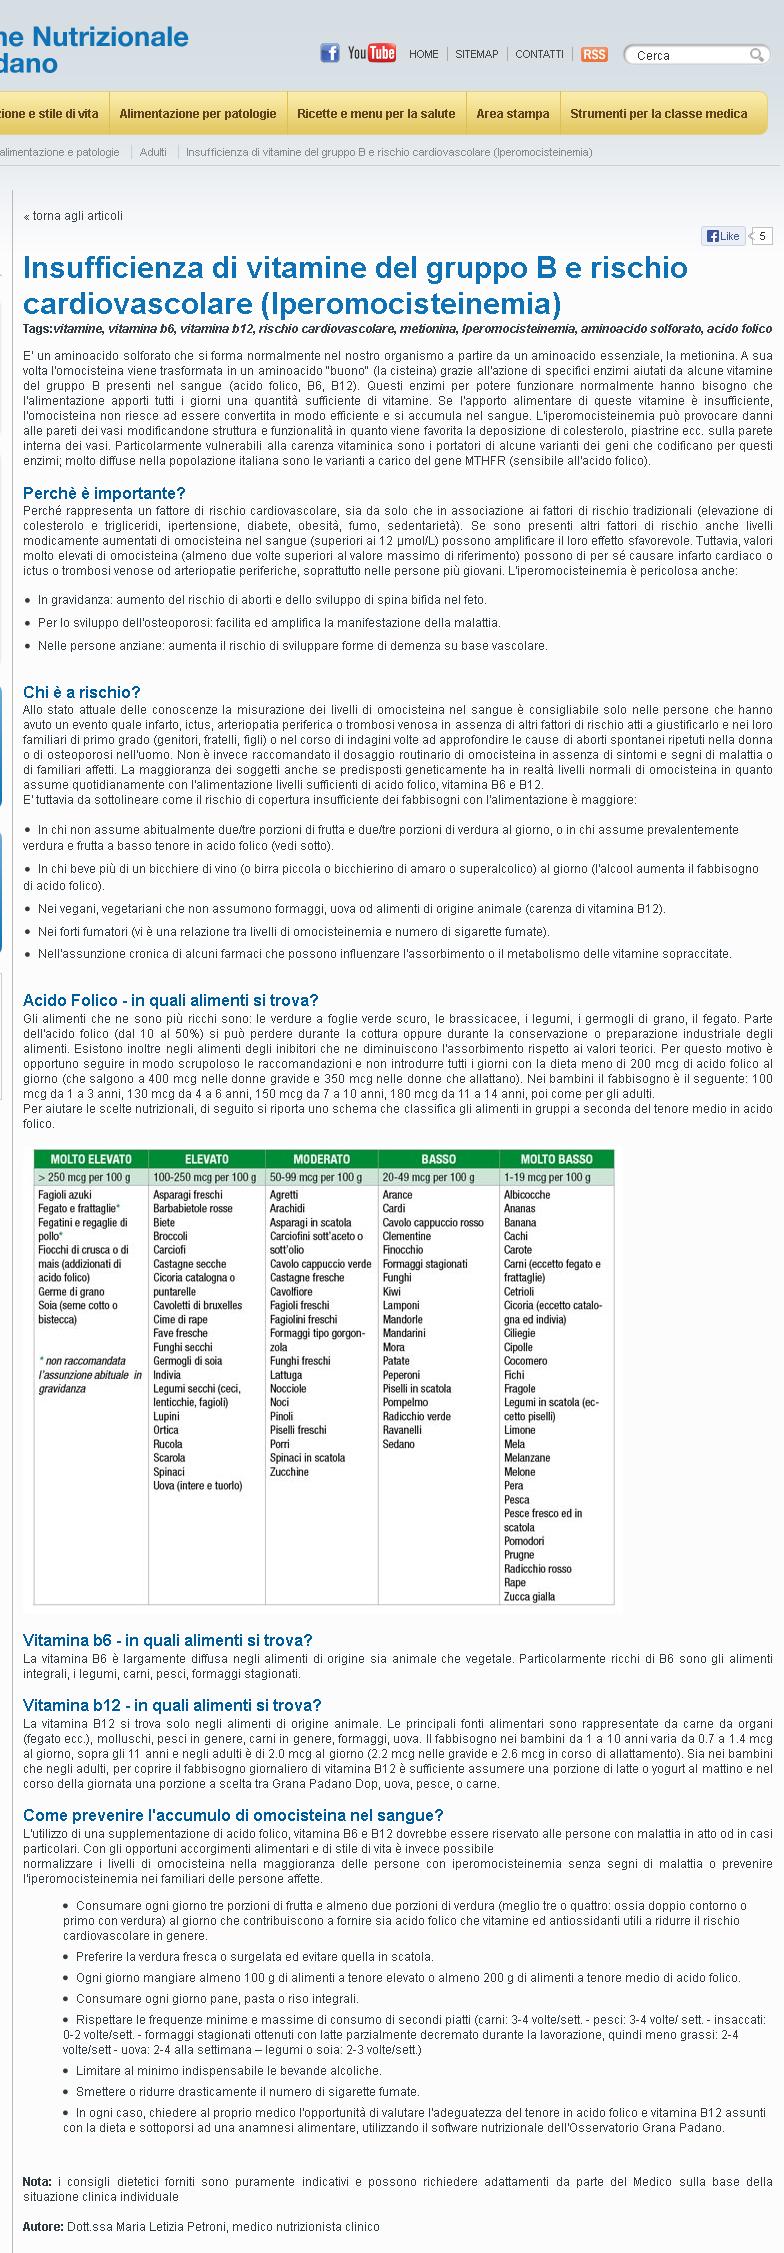 Insufficienza di vitamine del gruppo B e rischio cardiovascolare (Iperomocisteinemia)